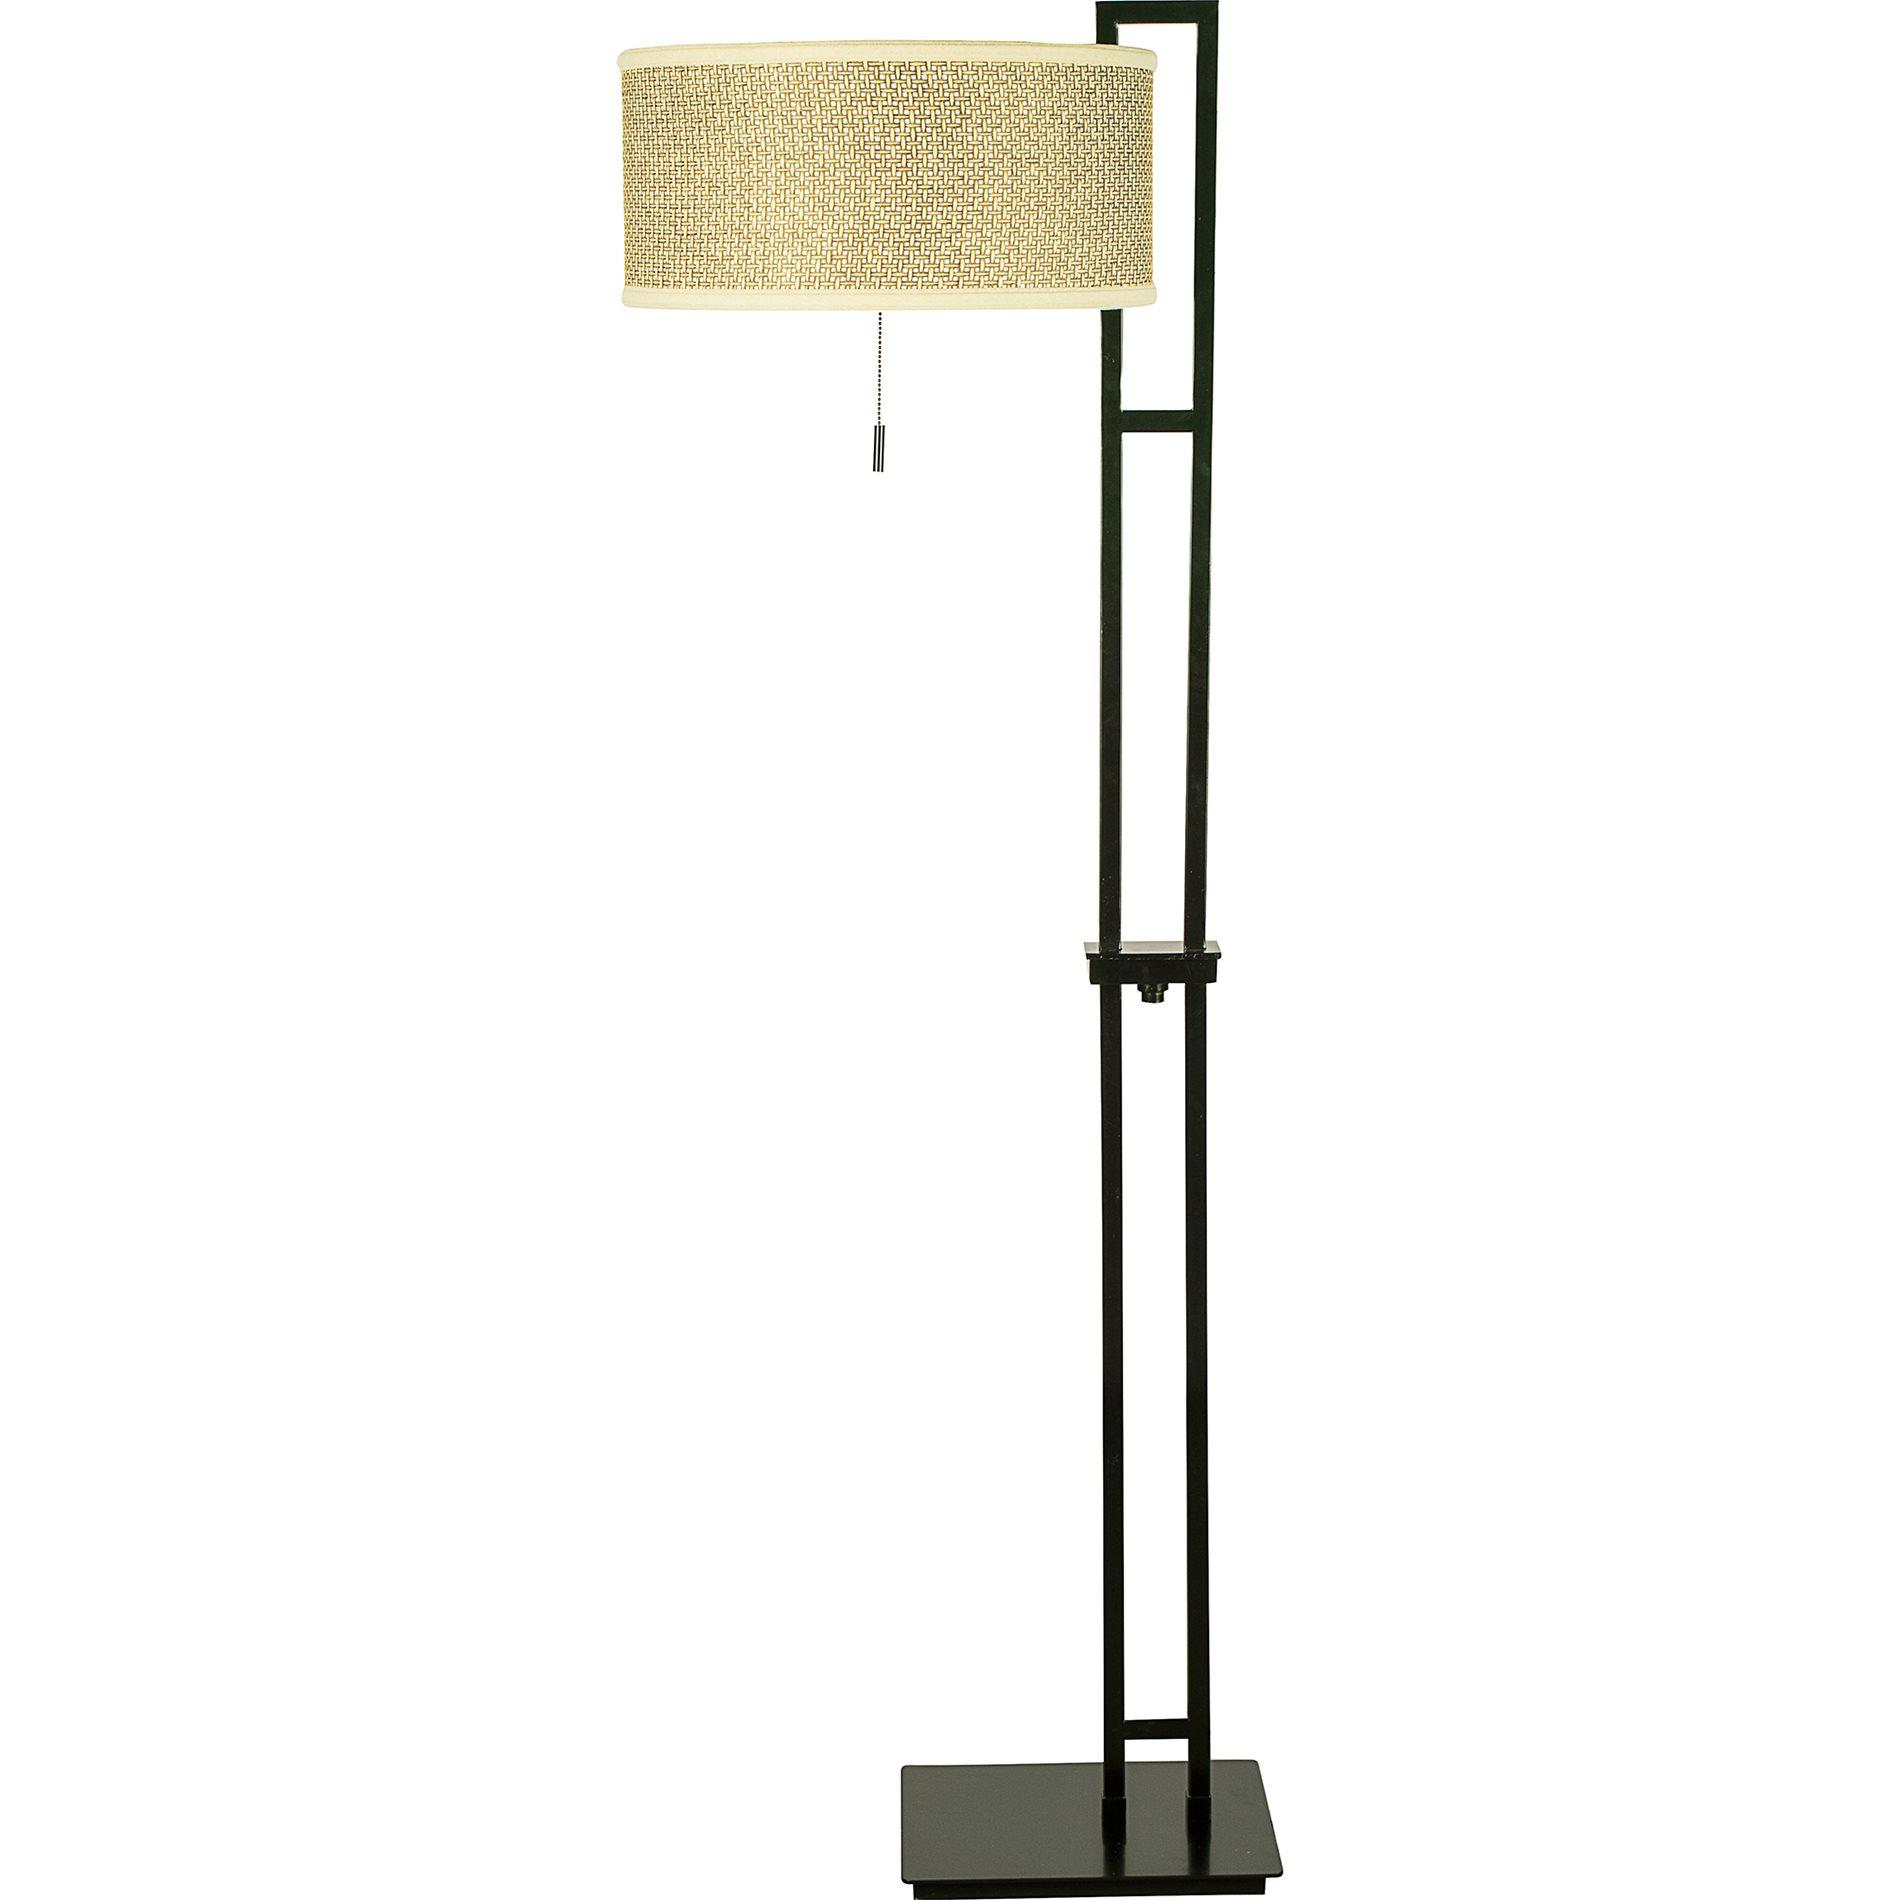 Quoizel ze9363k zen contemporary floor lamp qz ze9363k for Zen lighting fixtures